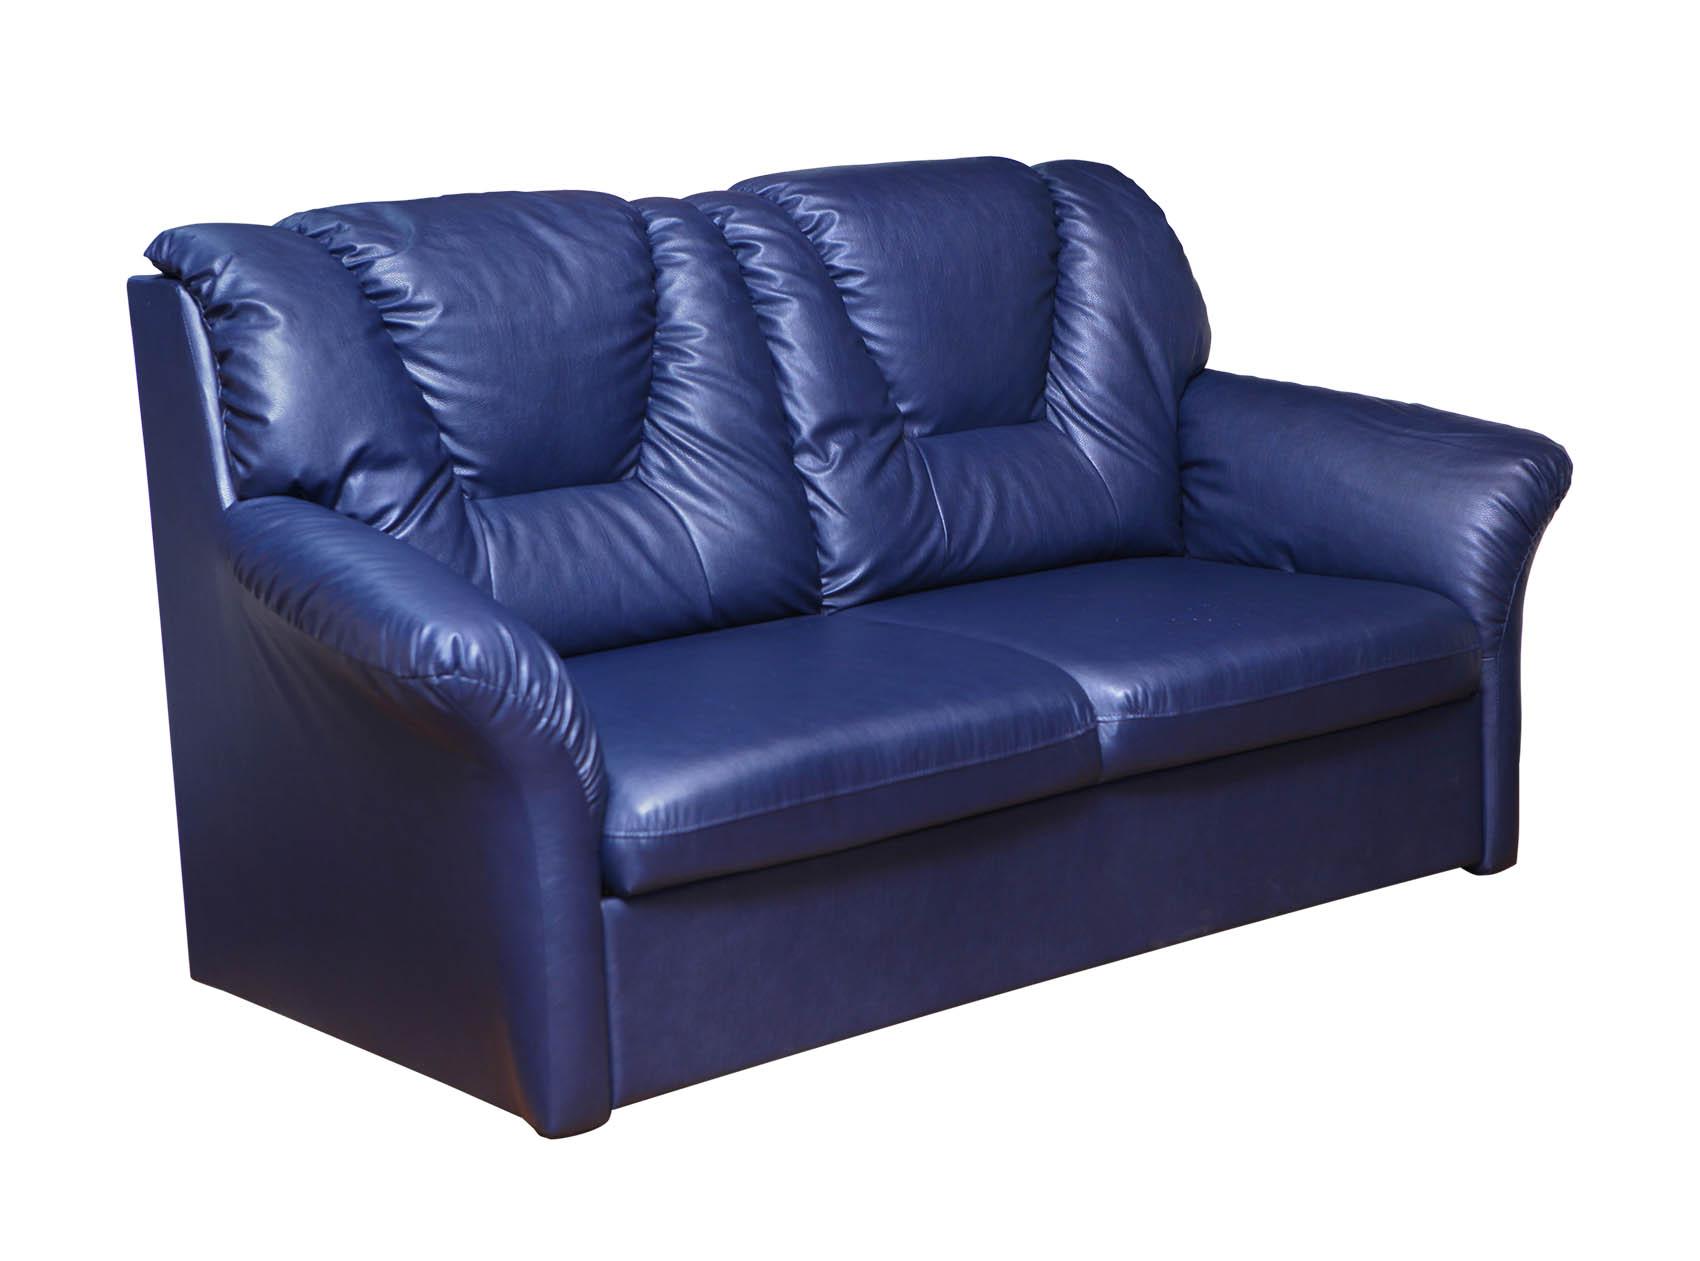 Офисный диван Криус фото